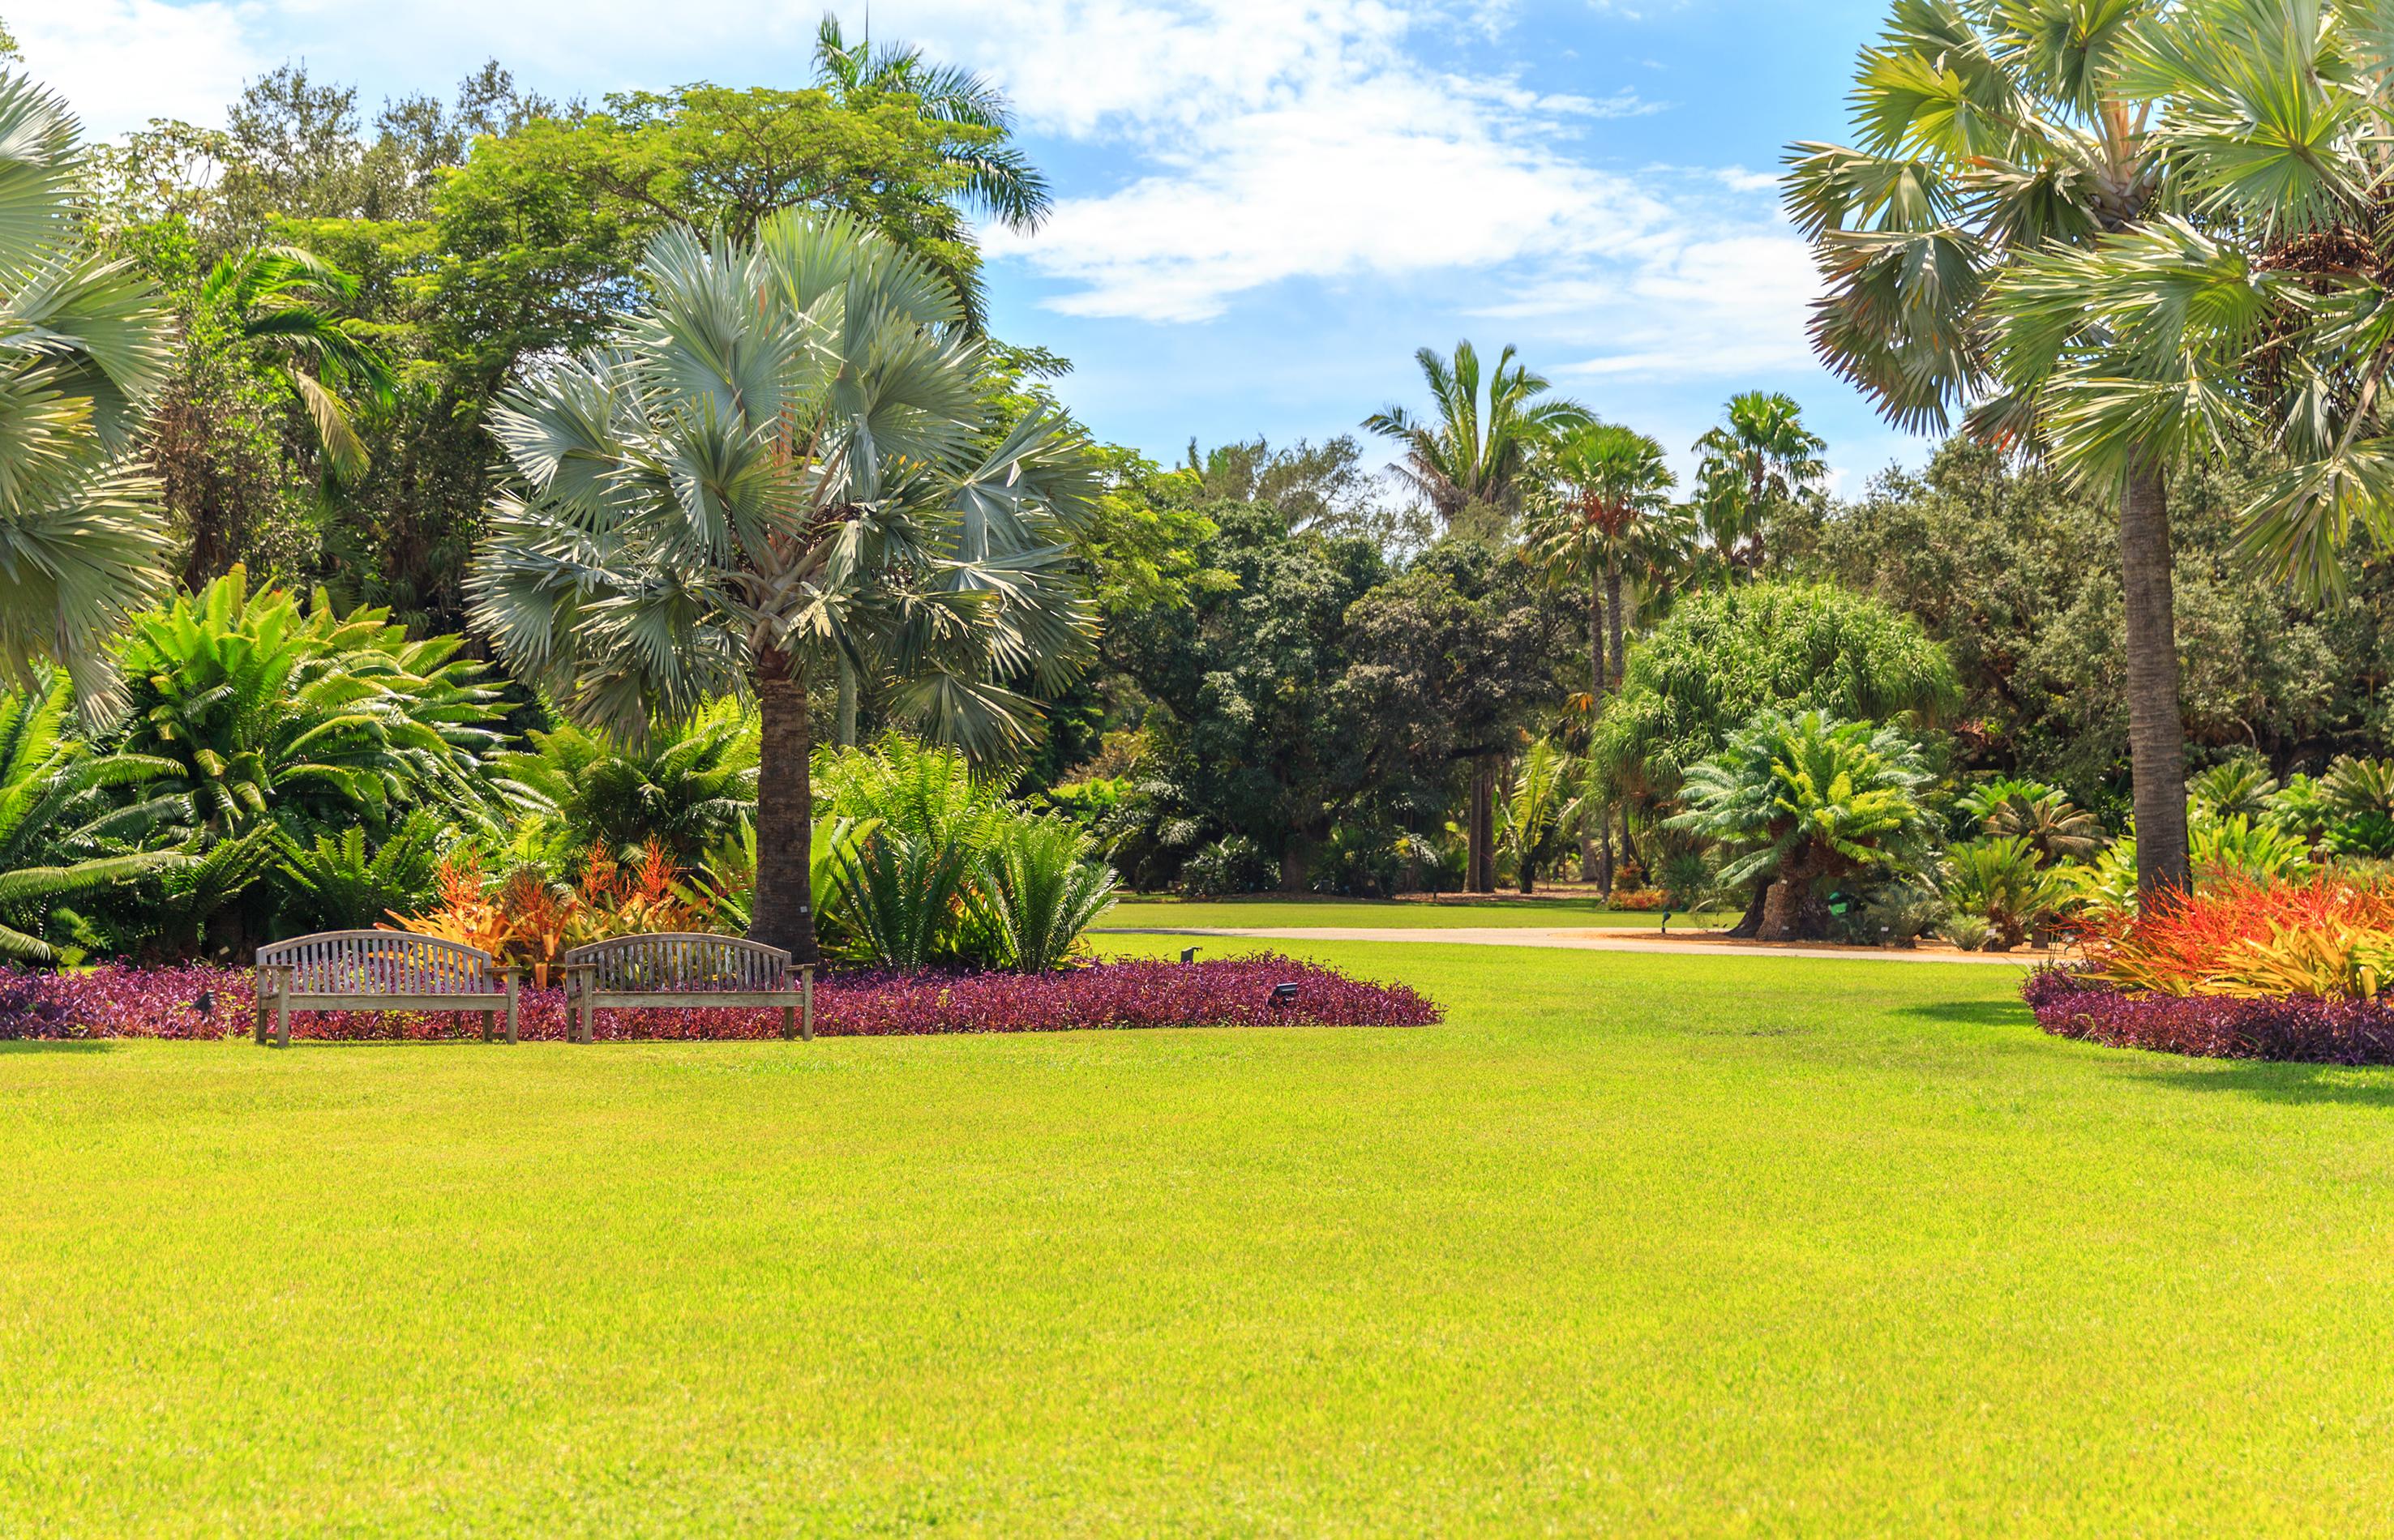 spring plants in Miami